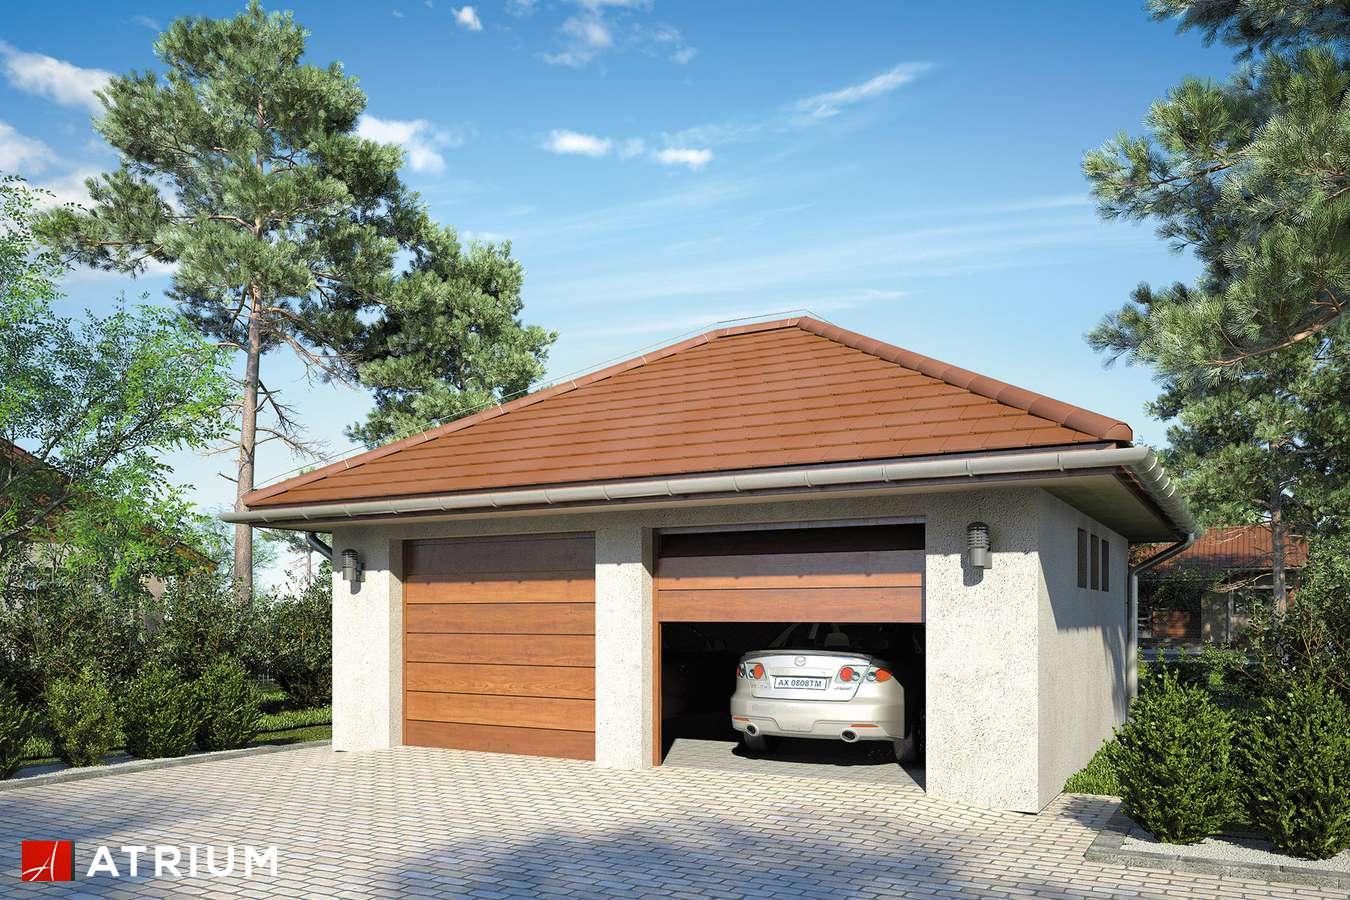 Garaż Z 35 - wizualizacja 1